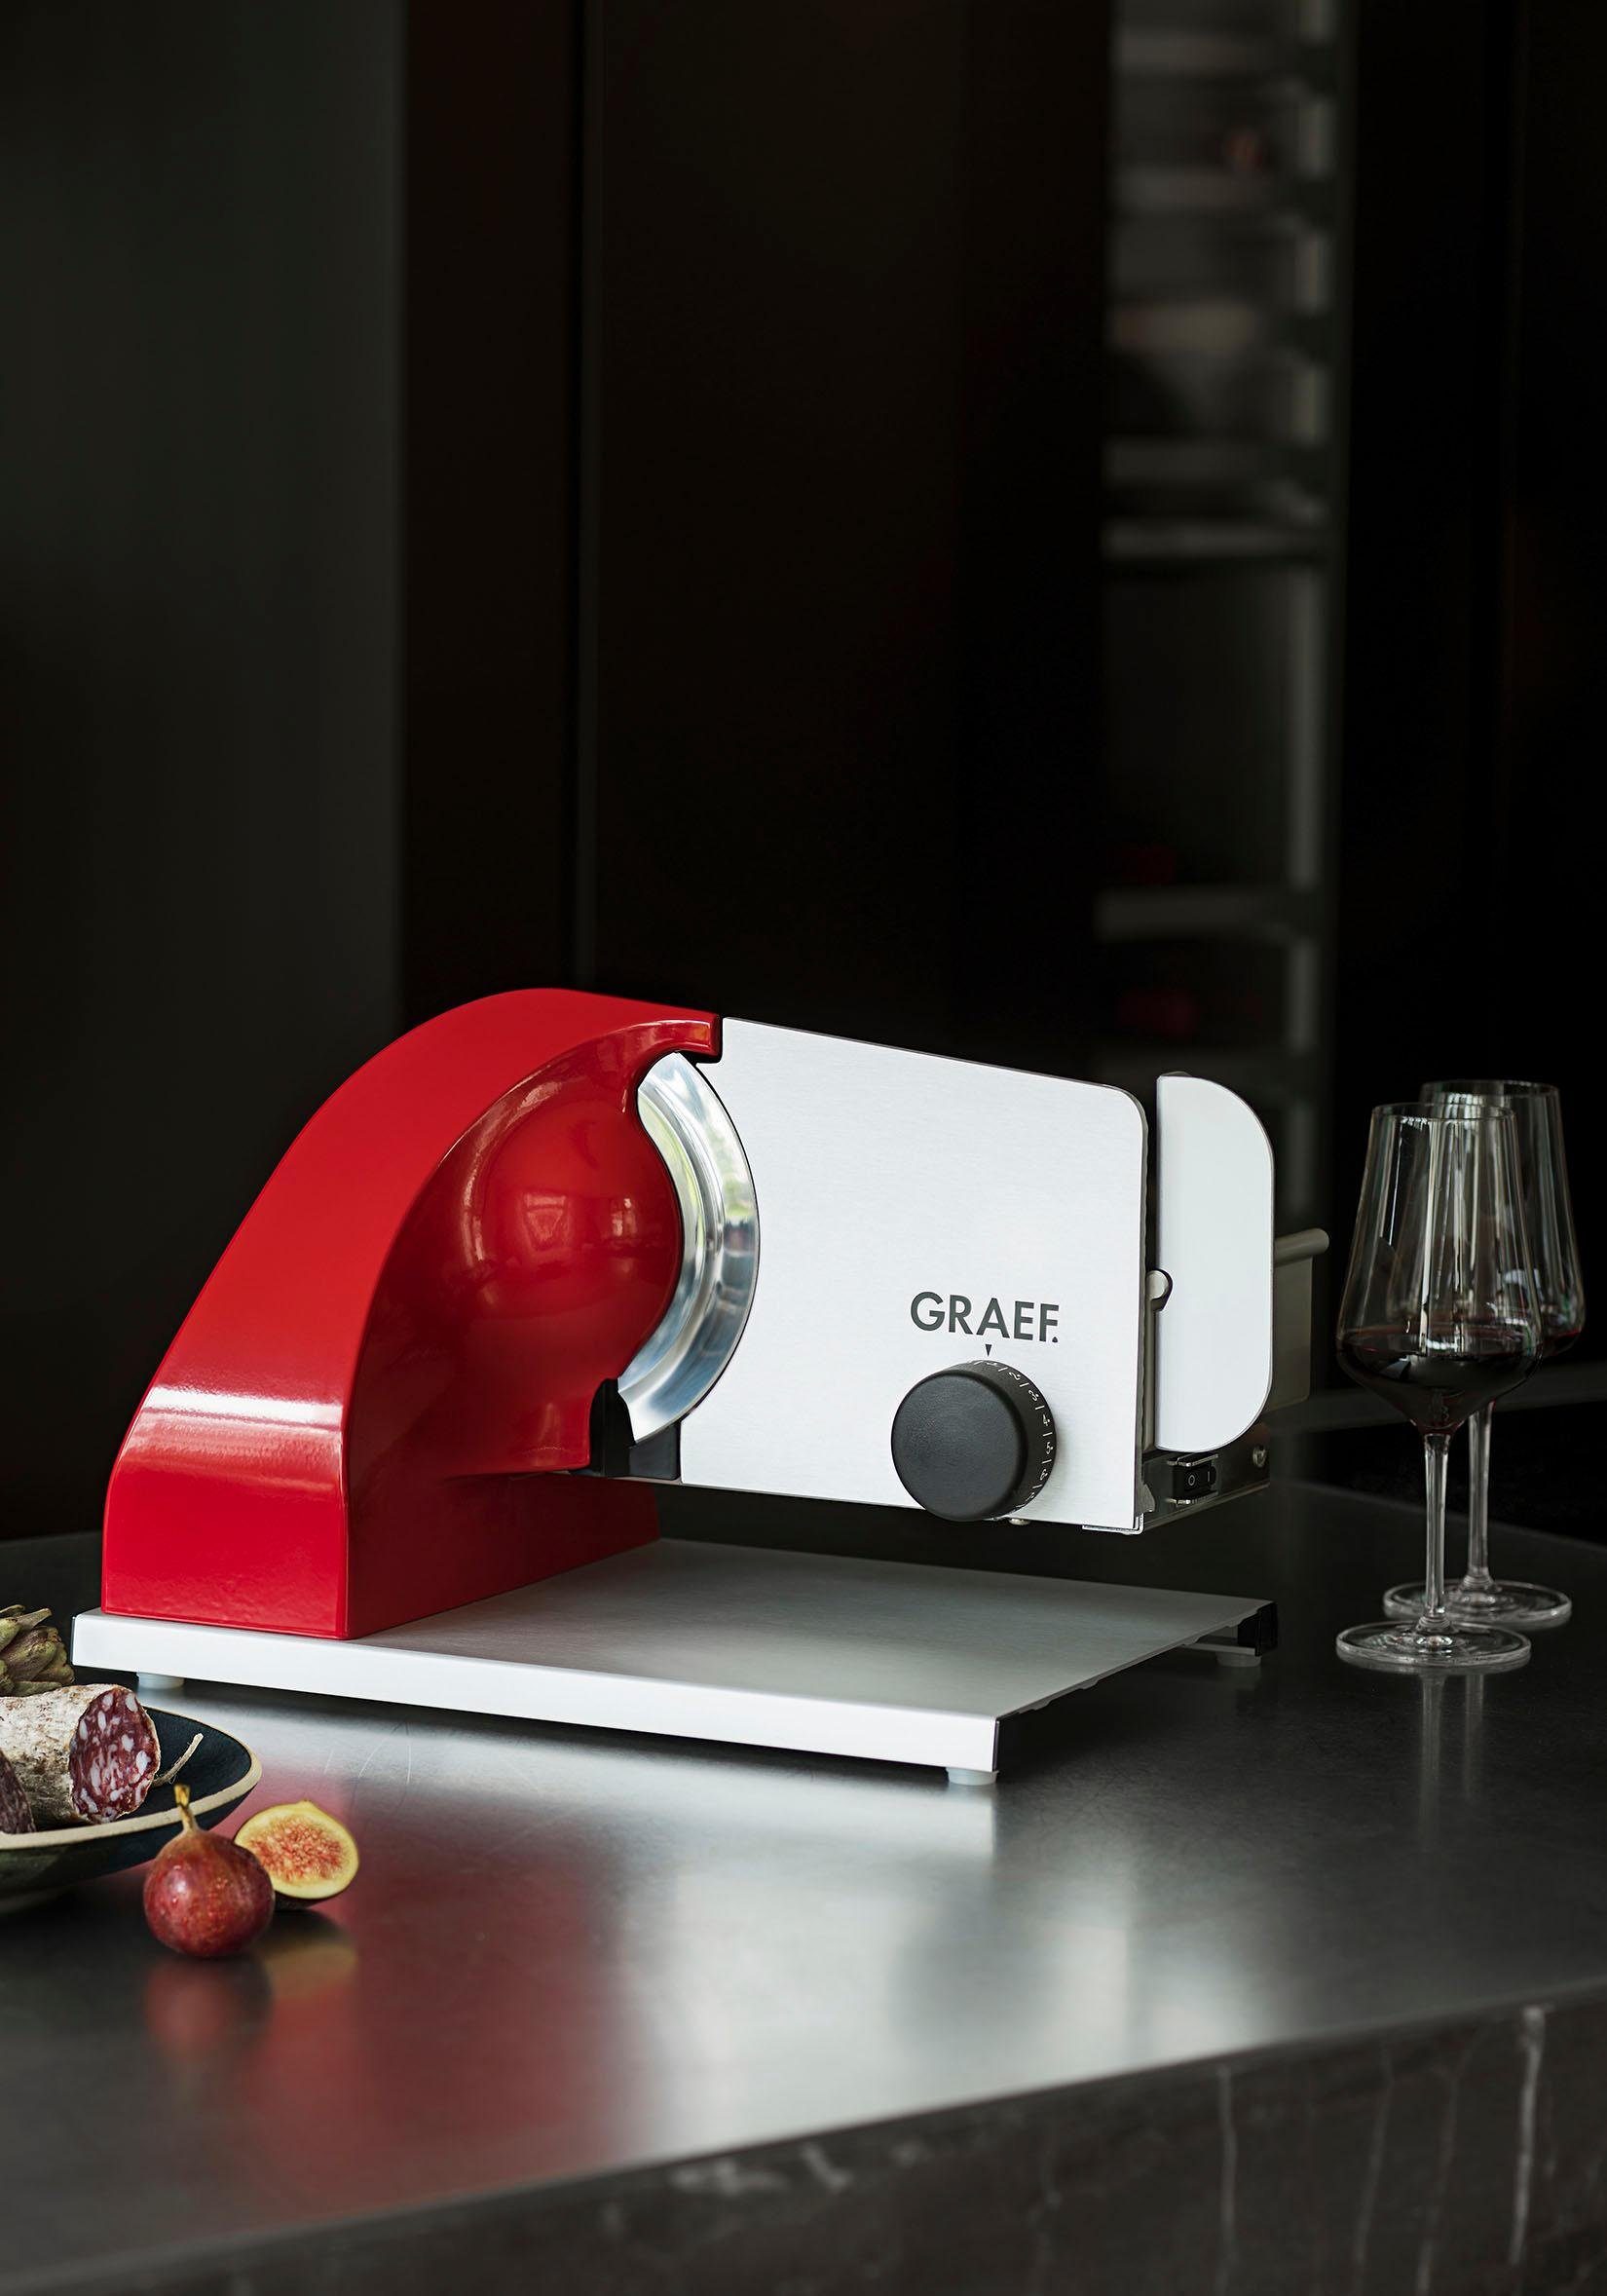 Gebr. Graef GmbH & Co. KG Allesschneider Sliced Kitchen SKS 903 (SKS903EU)